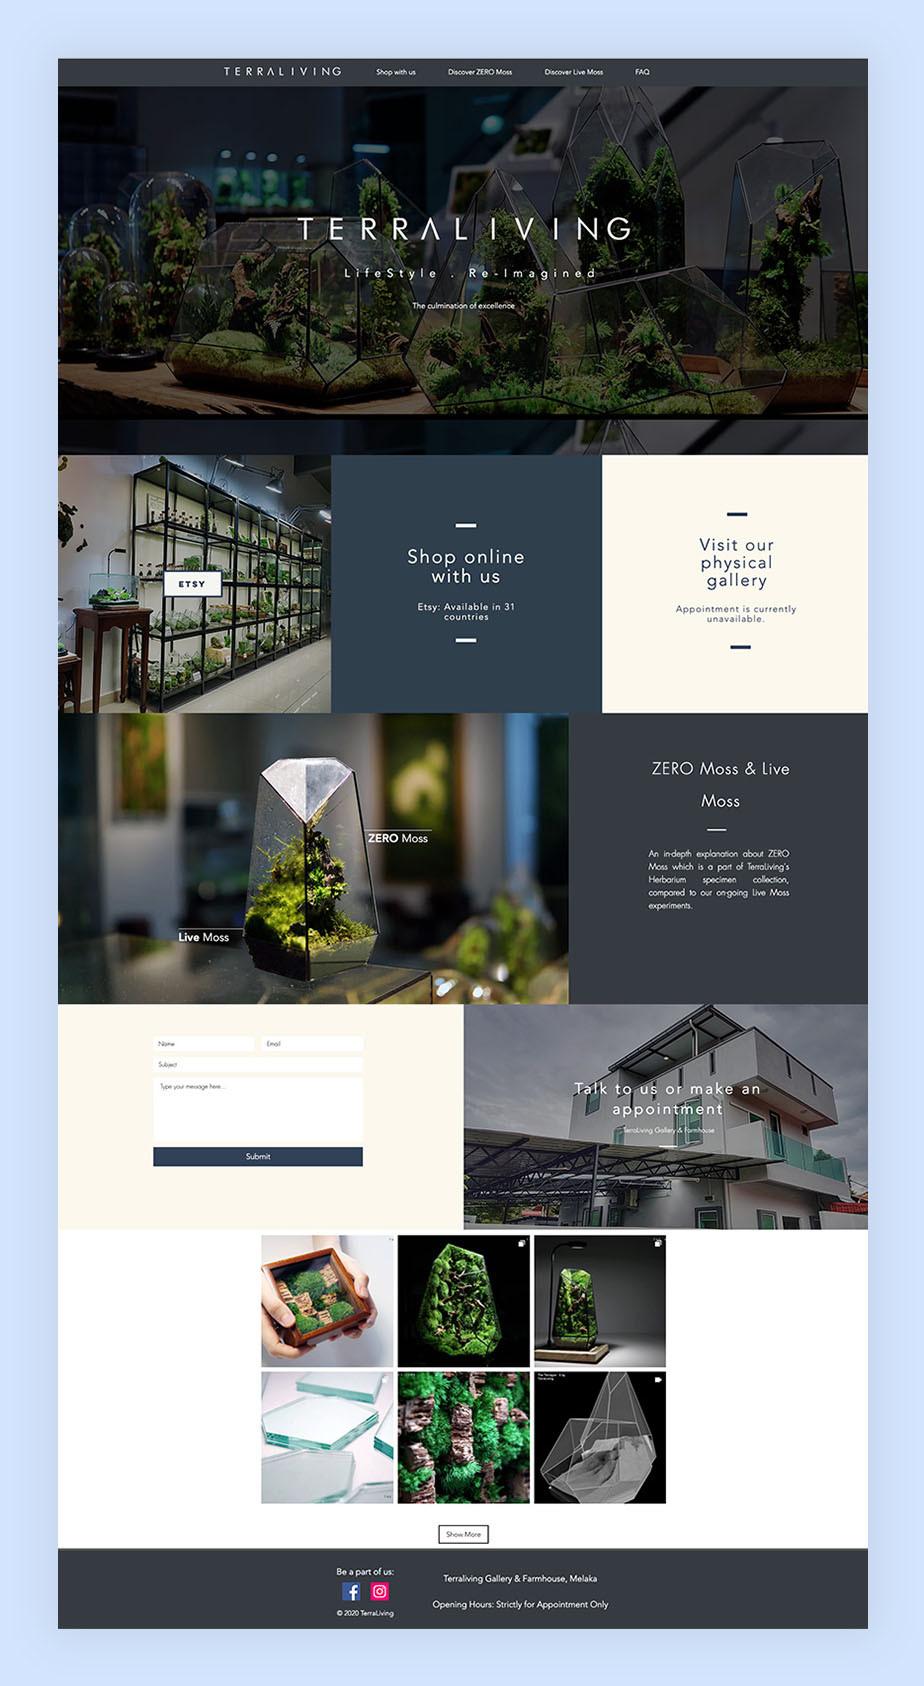 Terra Living een op een template gebaseerde website